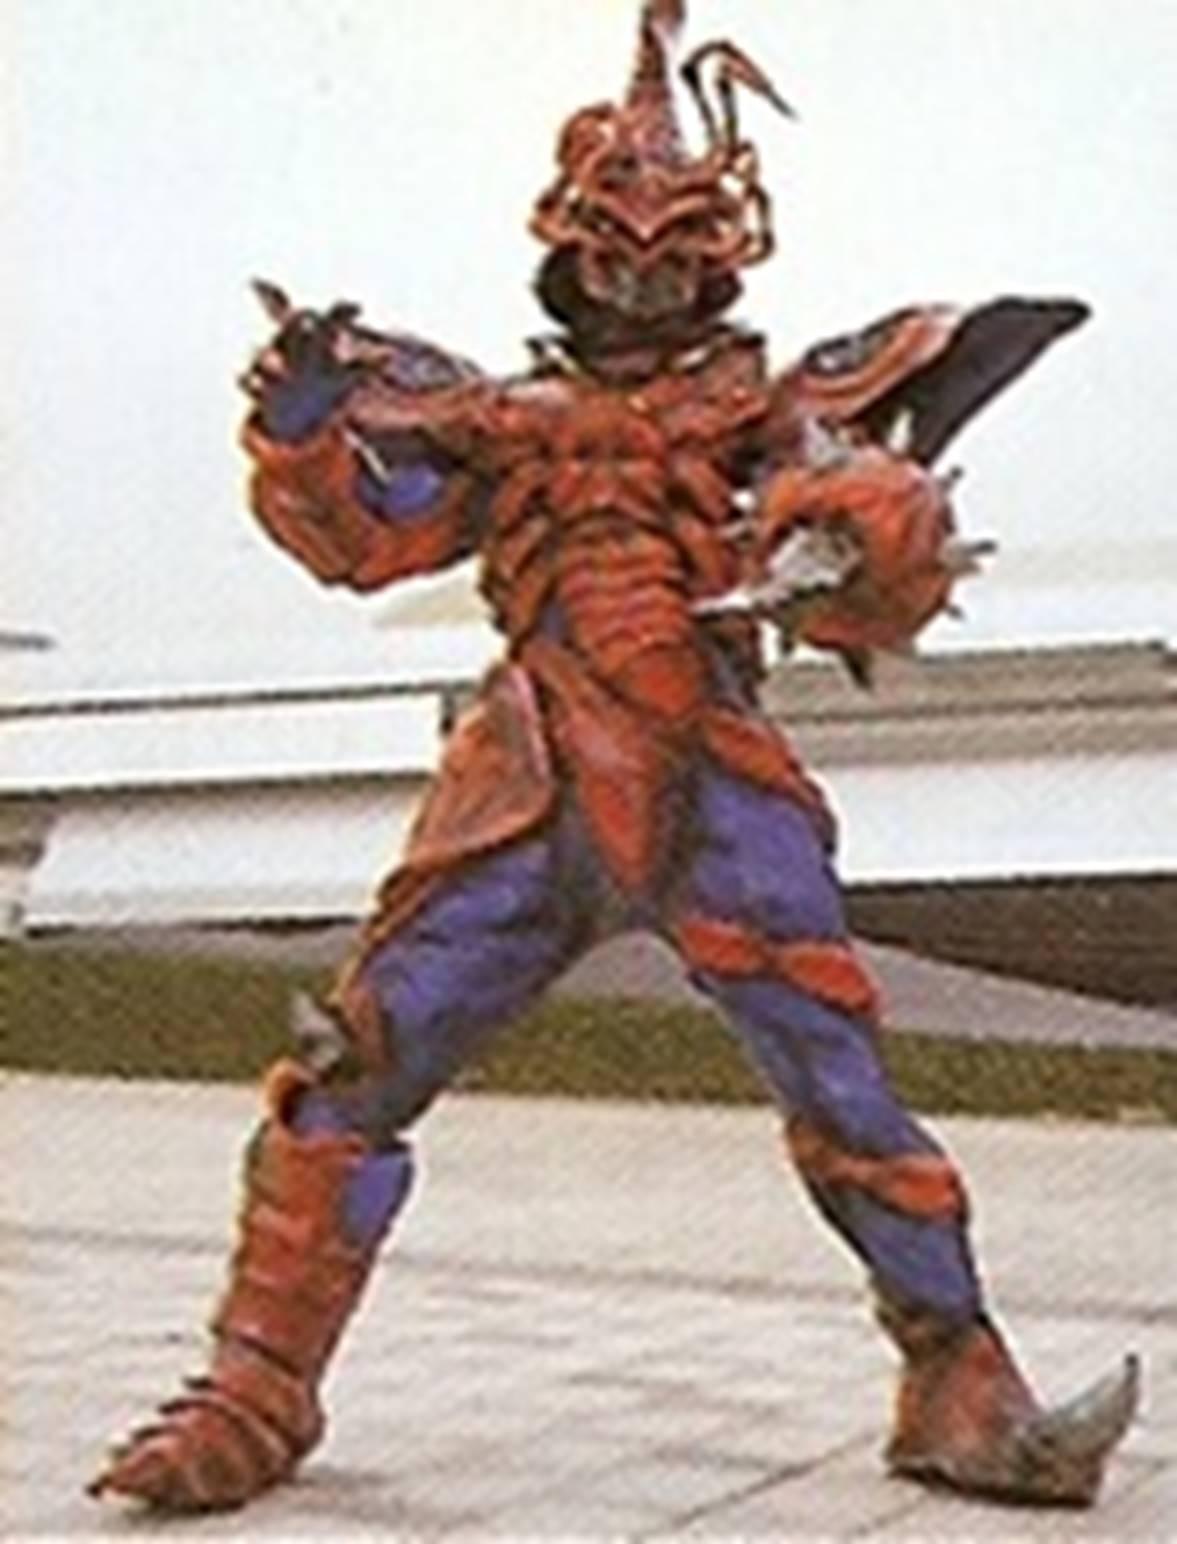 Pris-vi-barillianbug